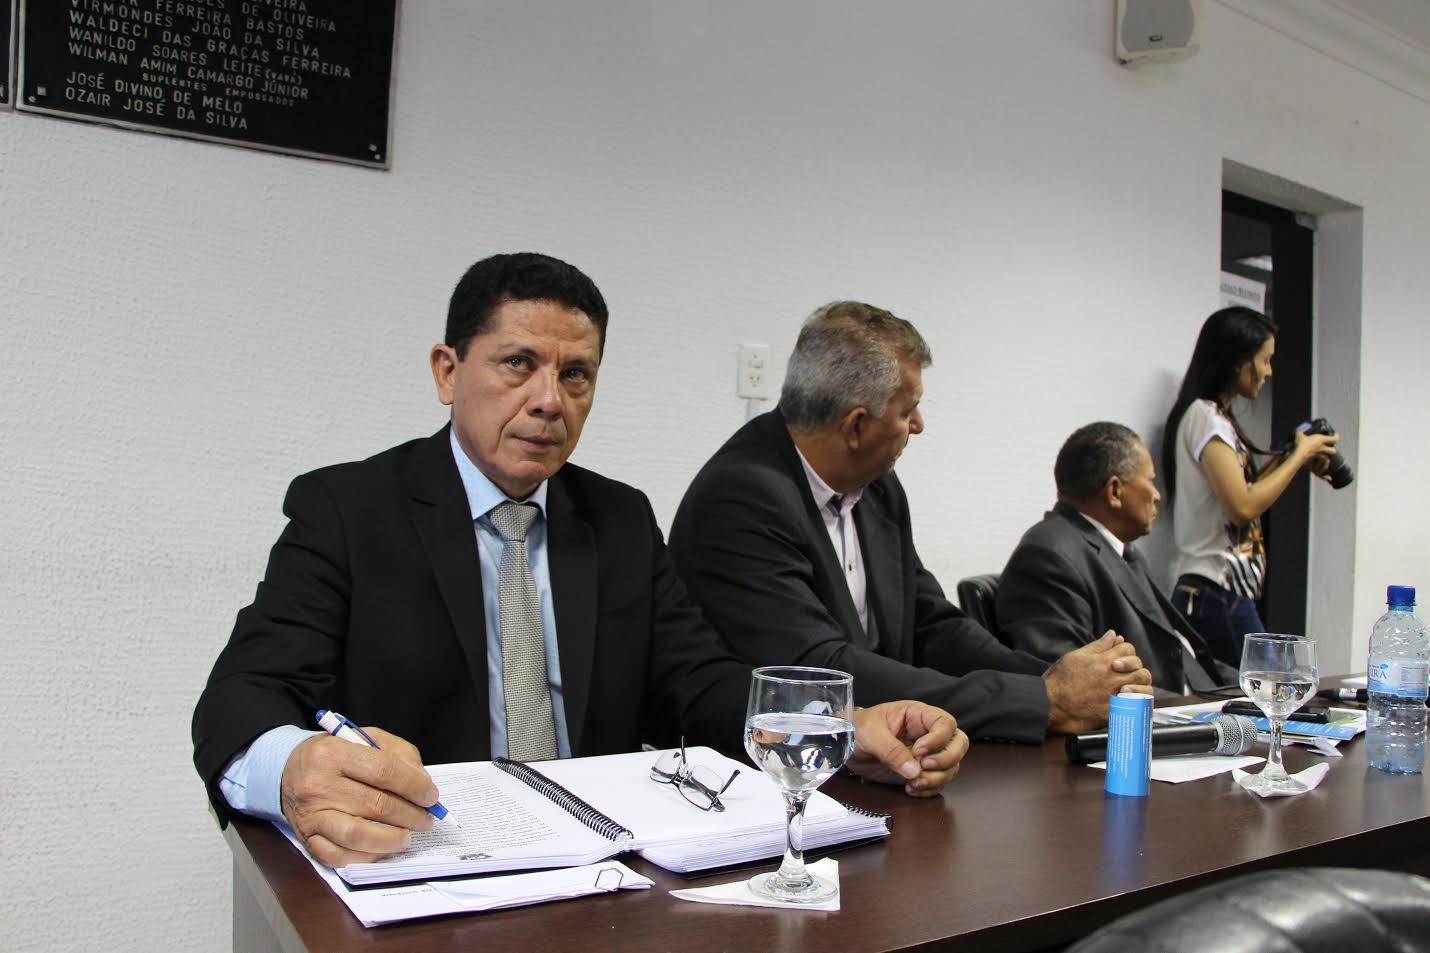 Vereador Nascimento (DEM) | Foto: Reprodução